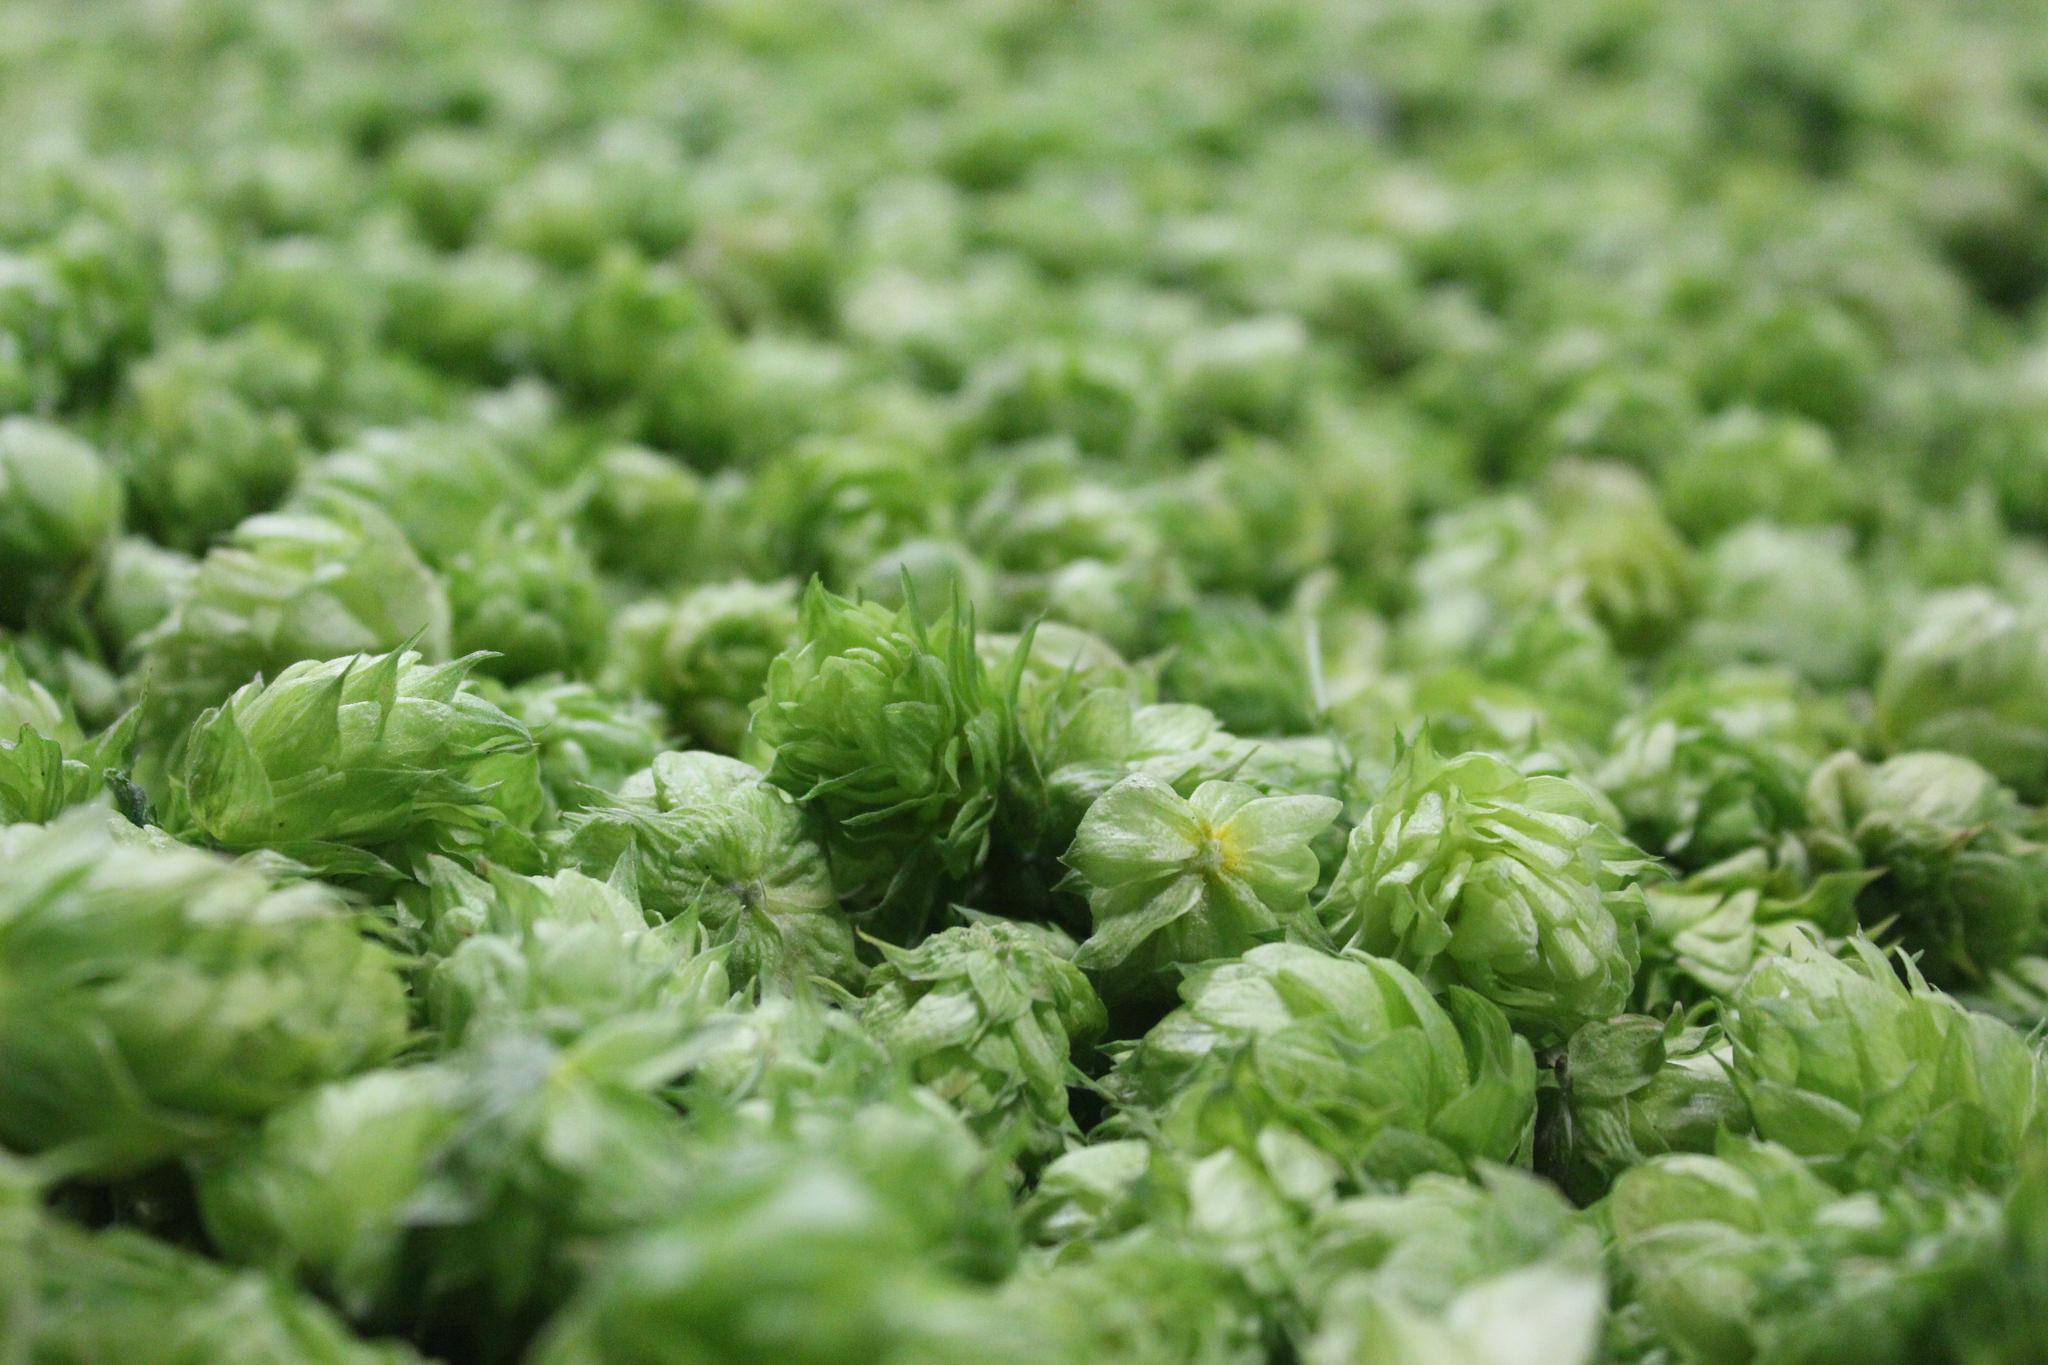 Sea of hops